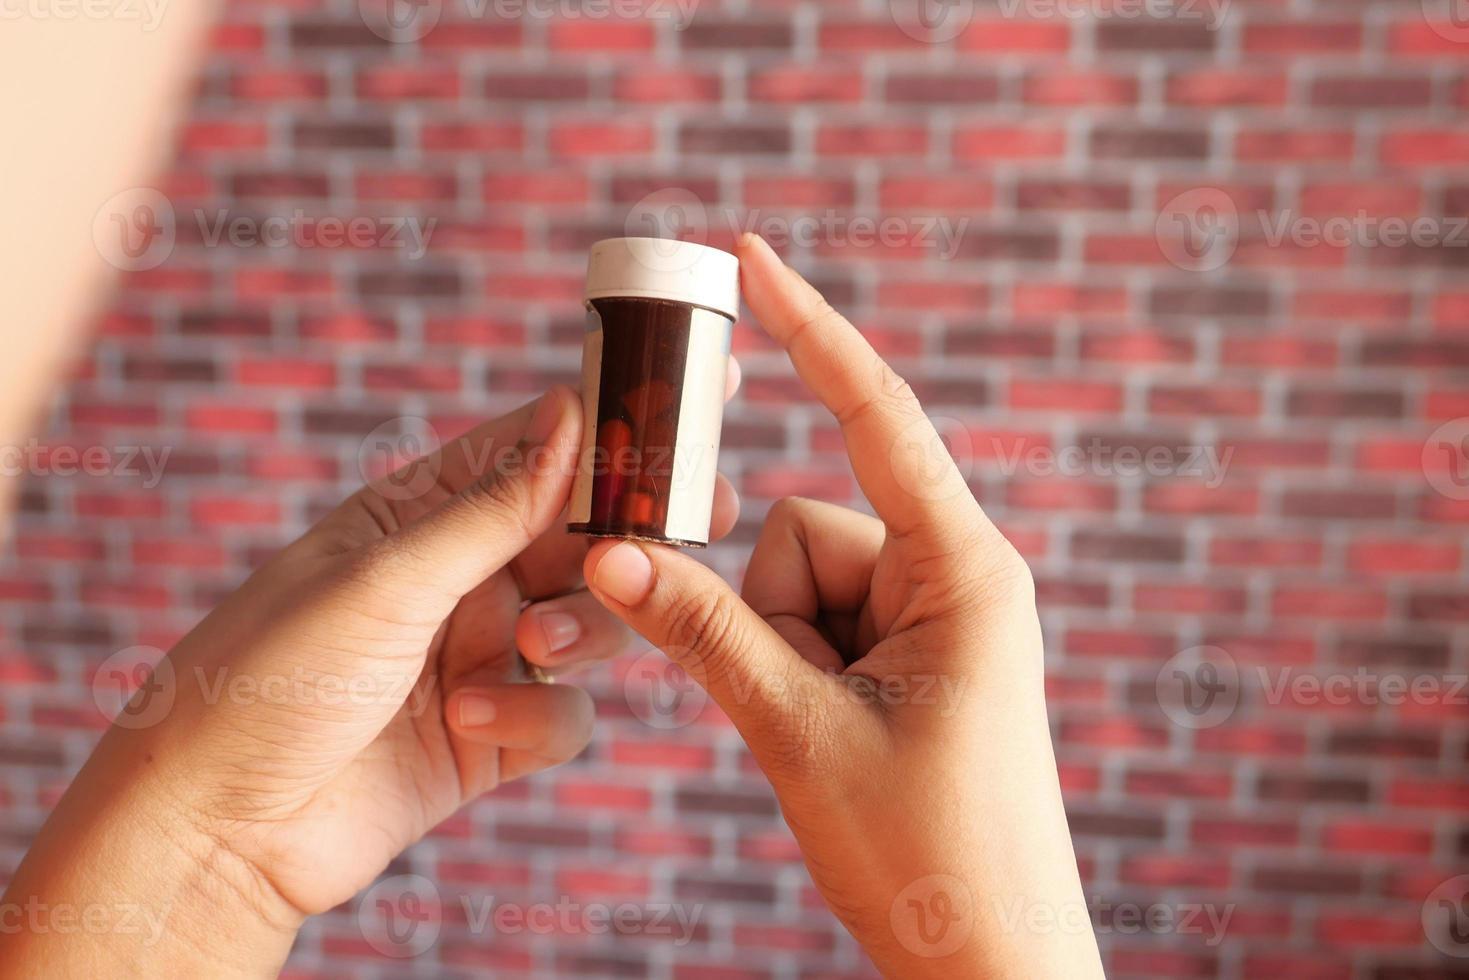 homem segurando um frasco de comprimidos foto